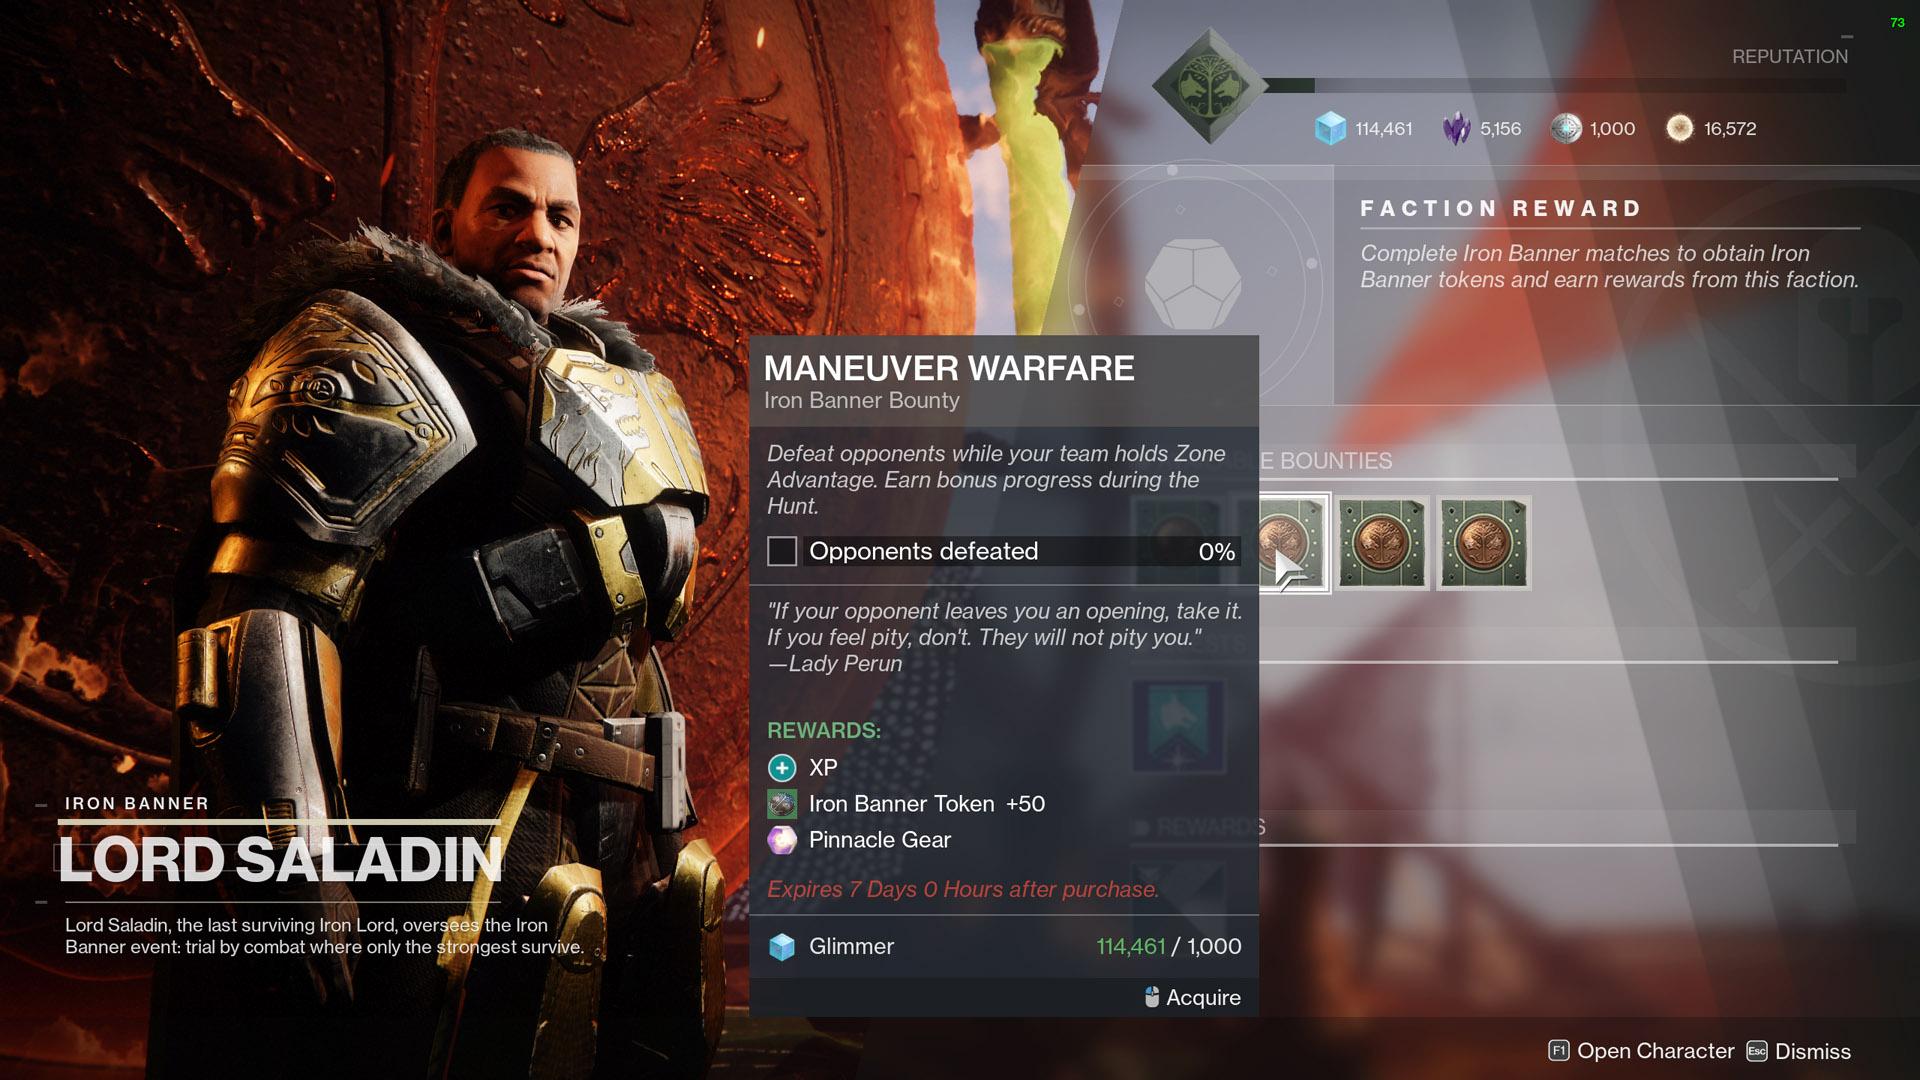 destiny 2 maneuver warfare